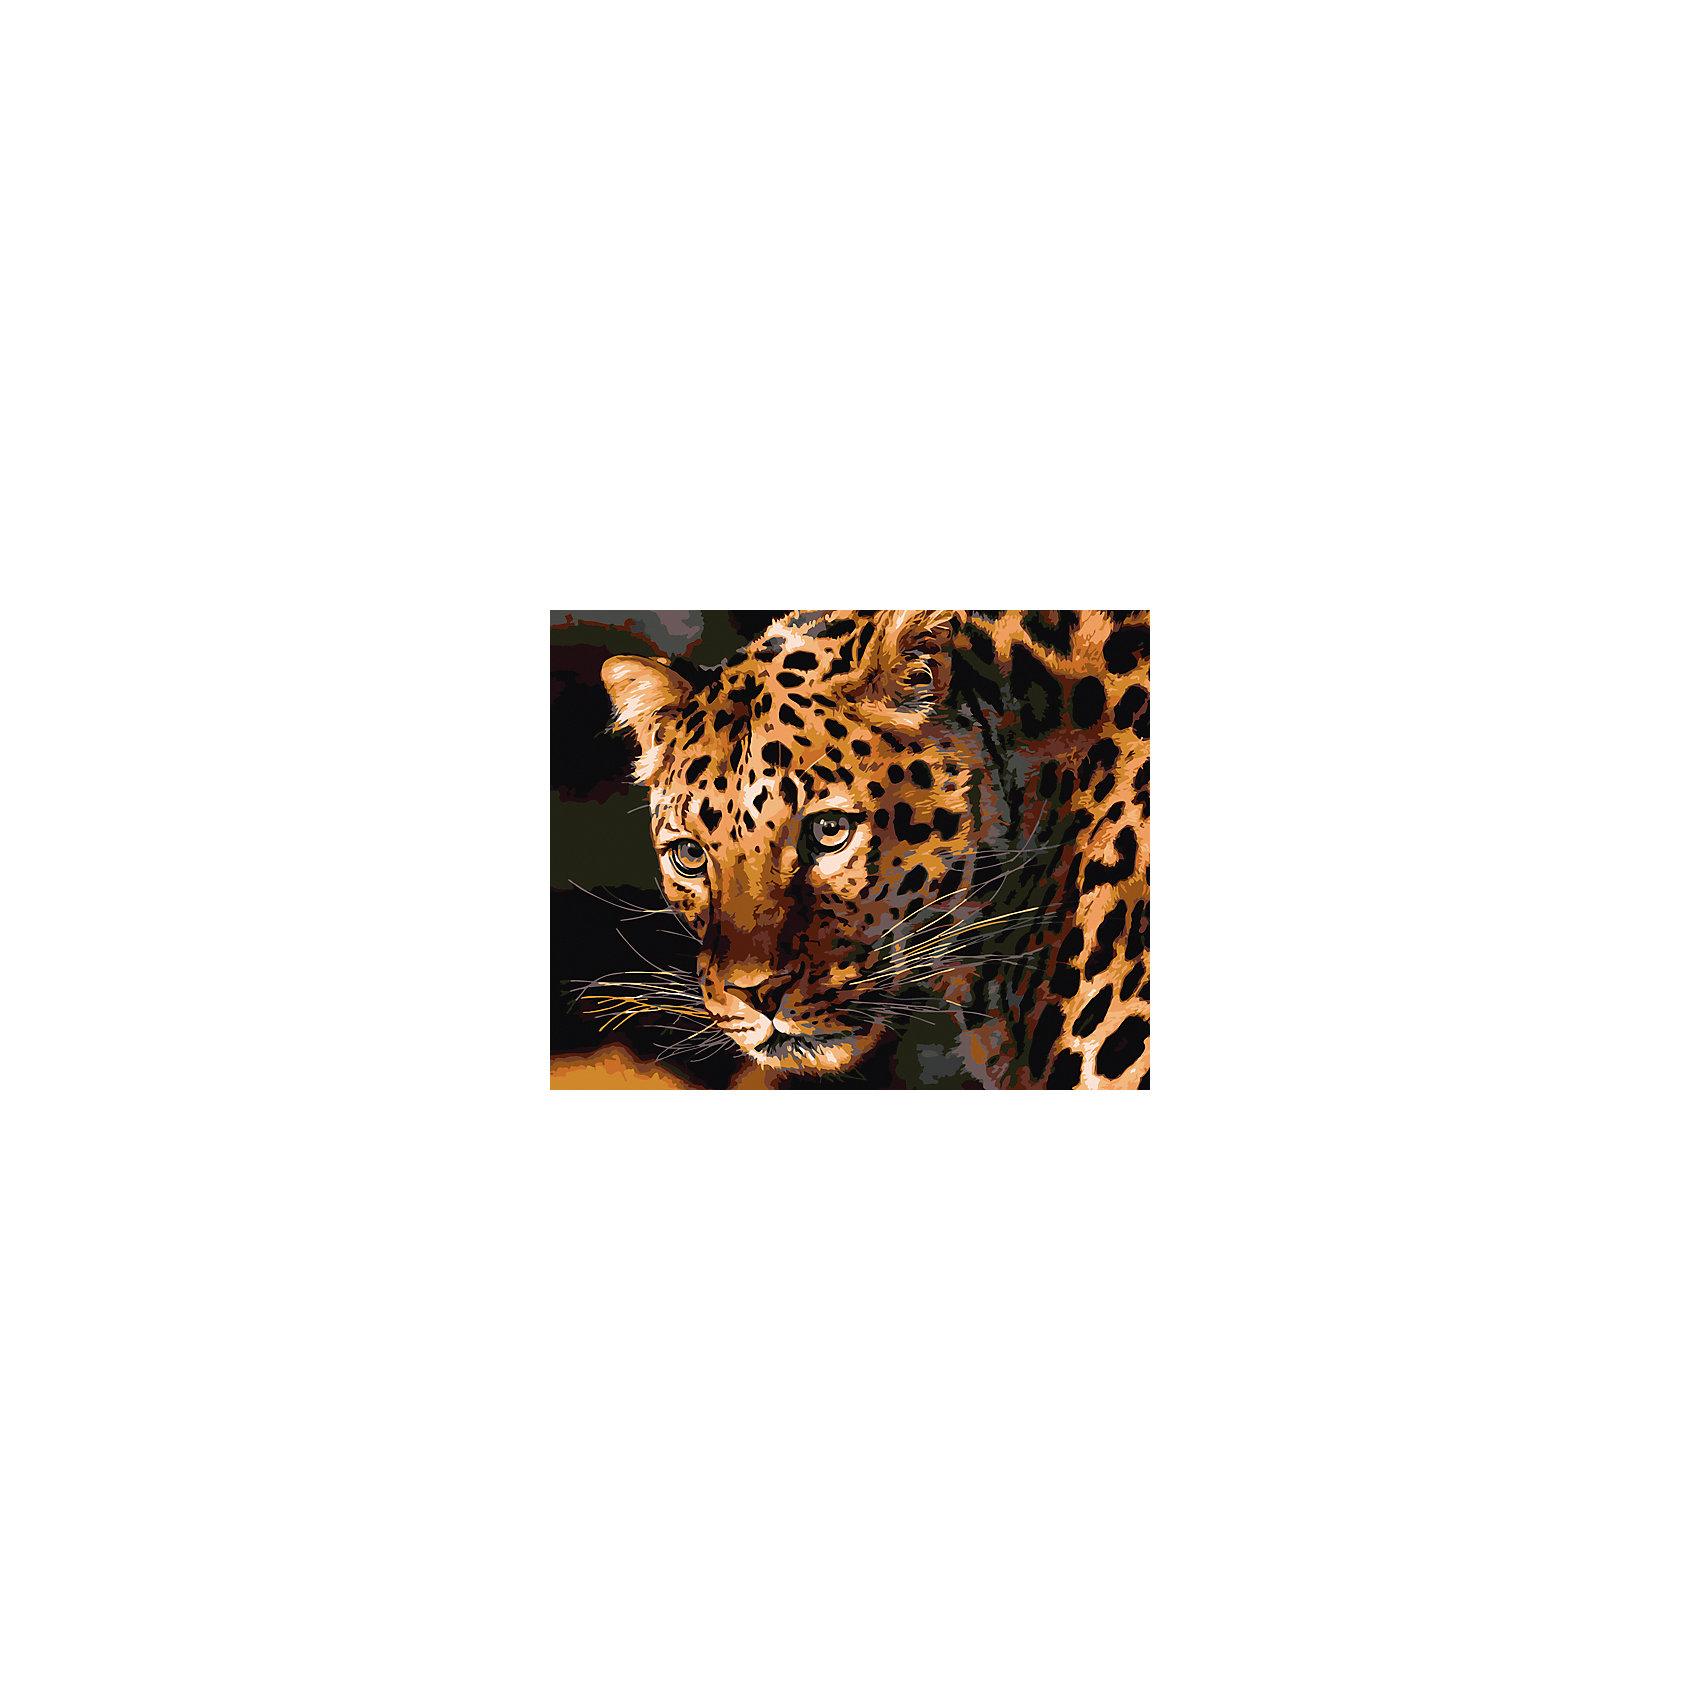 Холст с красками по номерам Взгляд леопарда 40х50 смзамечательные наборы для создания уникального шедевра изобразительного искусства. Создание картин на специально подготовленной рабочей поверхности – это уникальная техника, позволяющая делать Ваши шедевры более яркими и реалистичными. Просто нанесите мазки на уже готовый эскиз и оживите картину! Готовые изделия могут стать украшением интерьера или прекрасным подарком близким и друзьям.<br><br>Ширина мм: 510<br>Глубина мм: 410<br>Высота мм: 25<br>Вес г: 1800<br>Возраст от месяцев: 36<br>Возраст до месяцев: 108<br>Пол: Унисекс<br>Возраст: Детский<br>SKU: 5096758